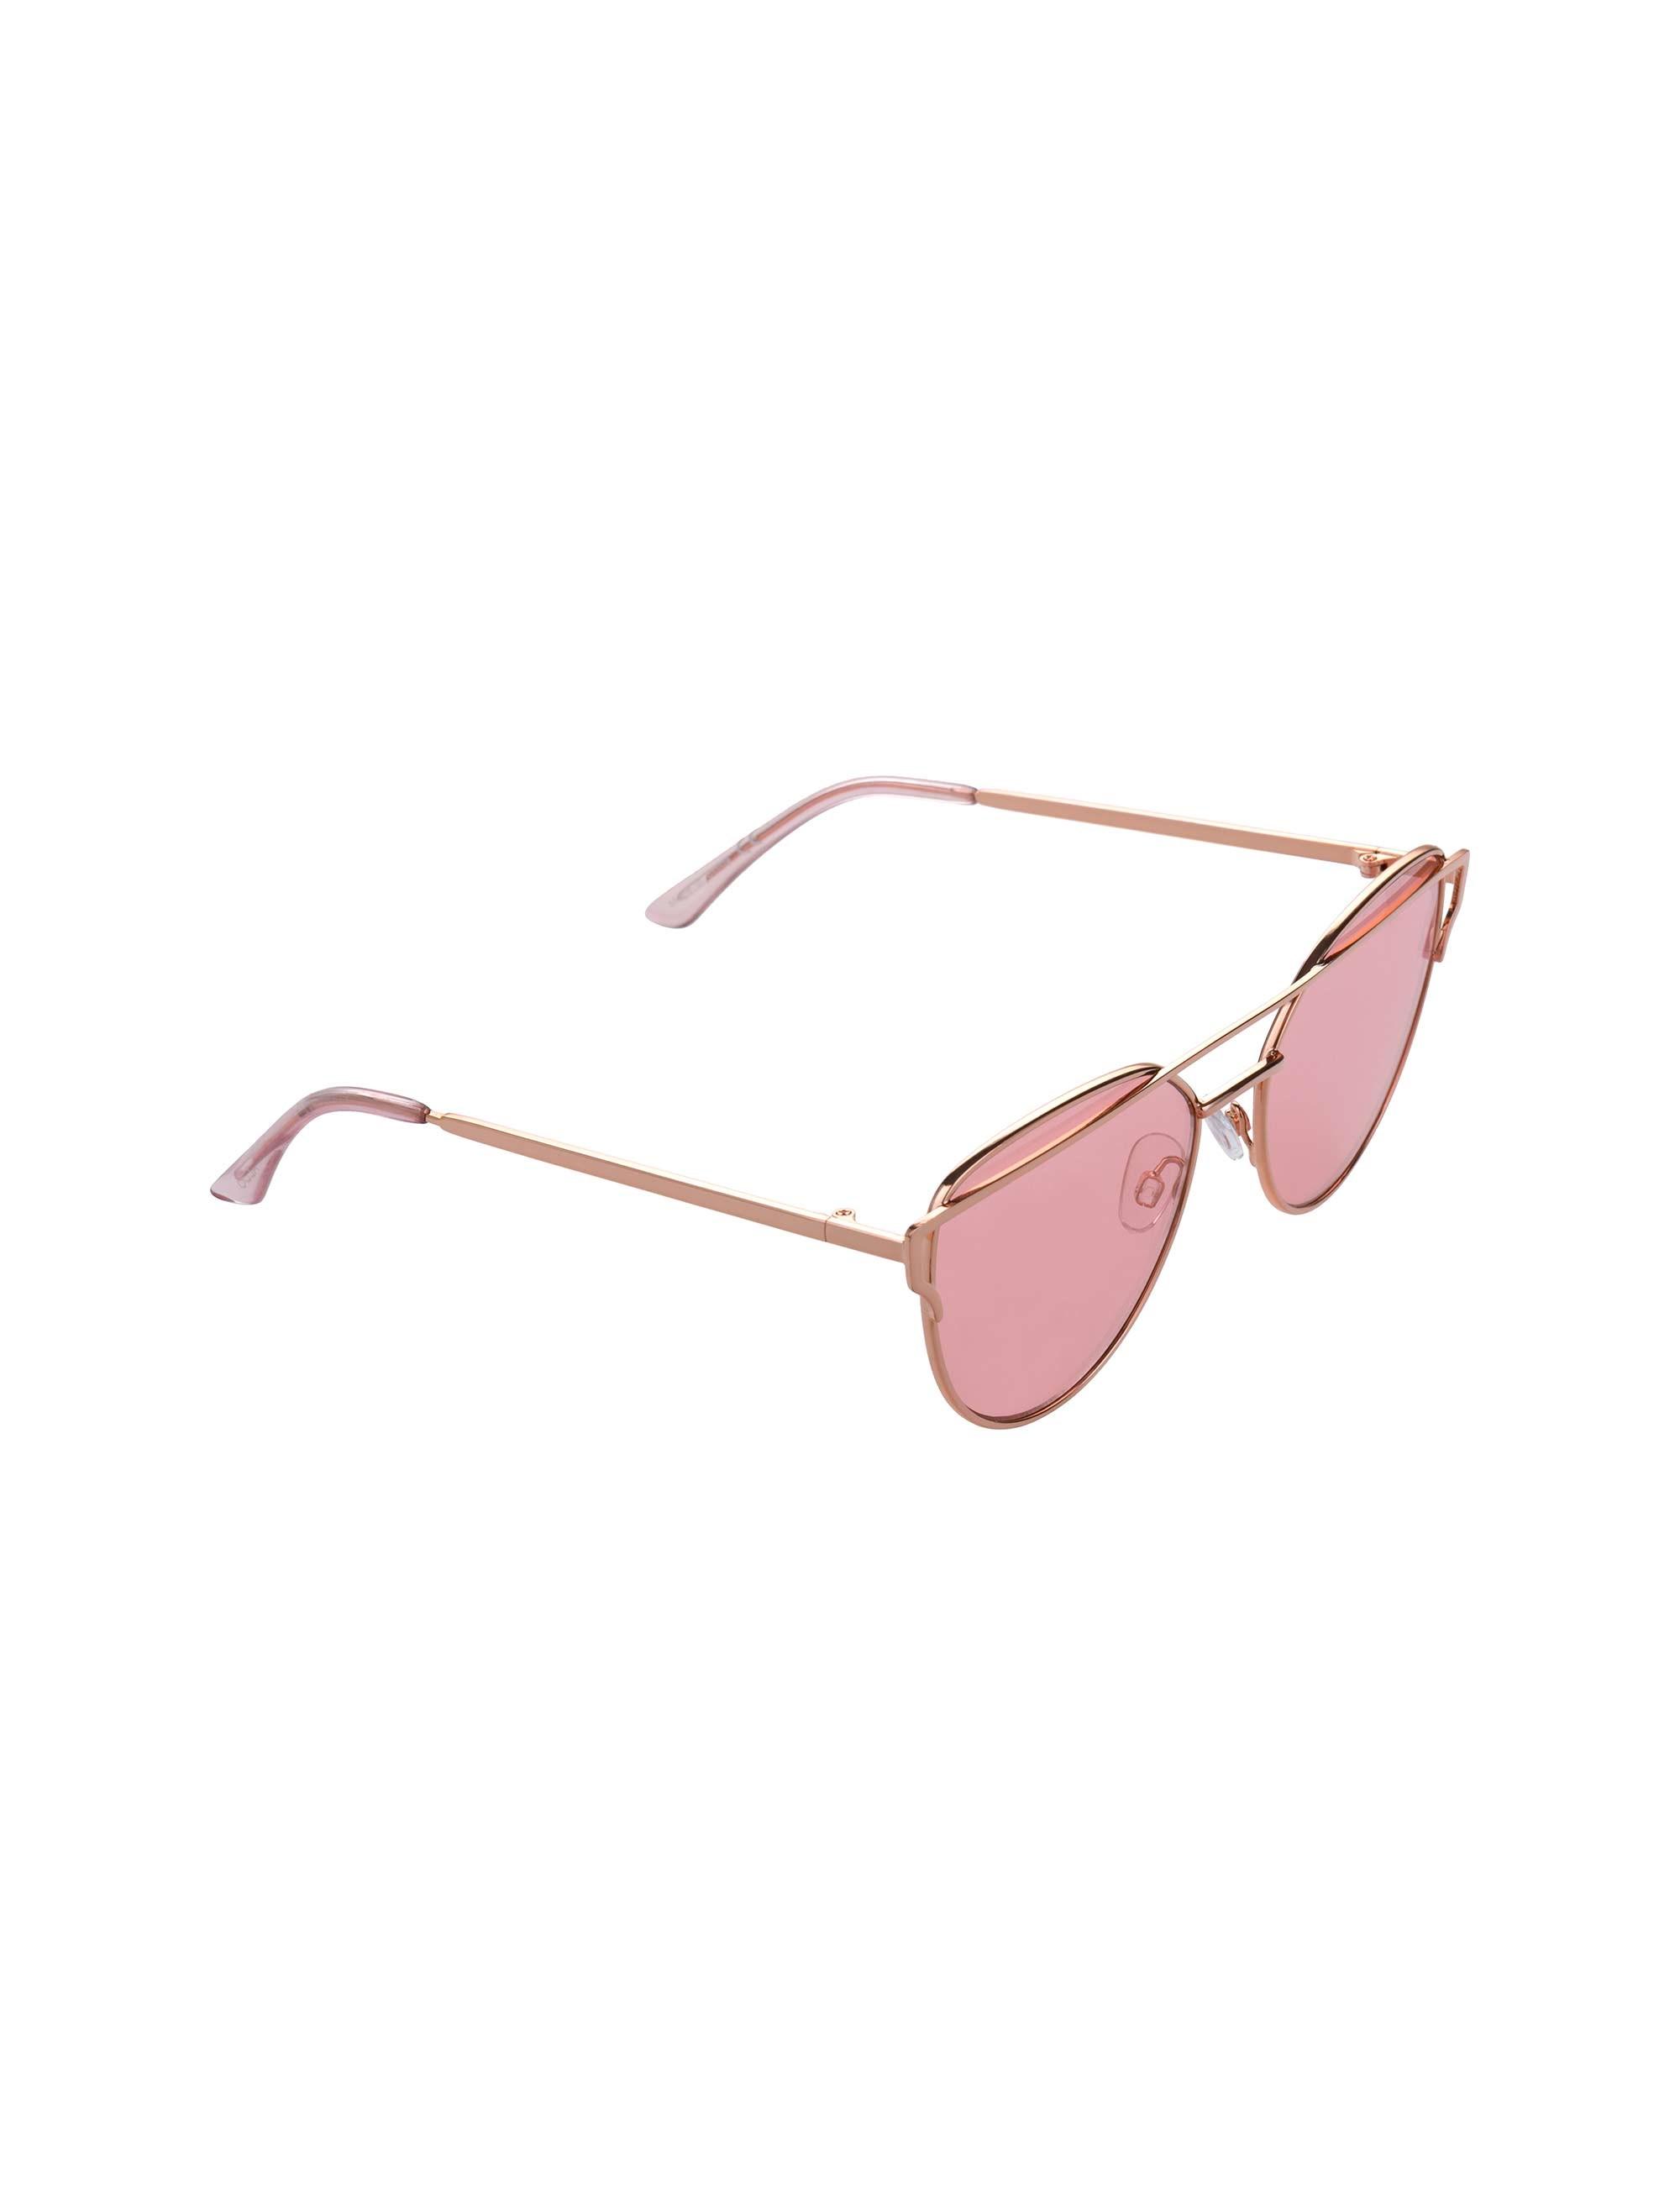 عینک آفتابی گربه ای زنانه - طلايي - 2